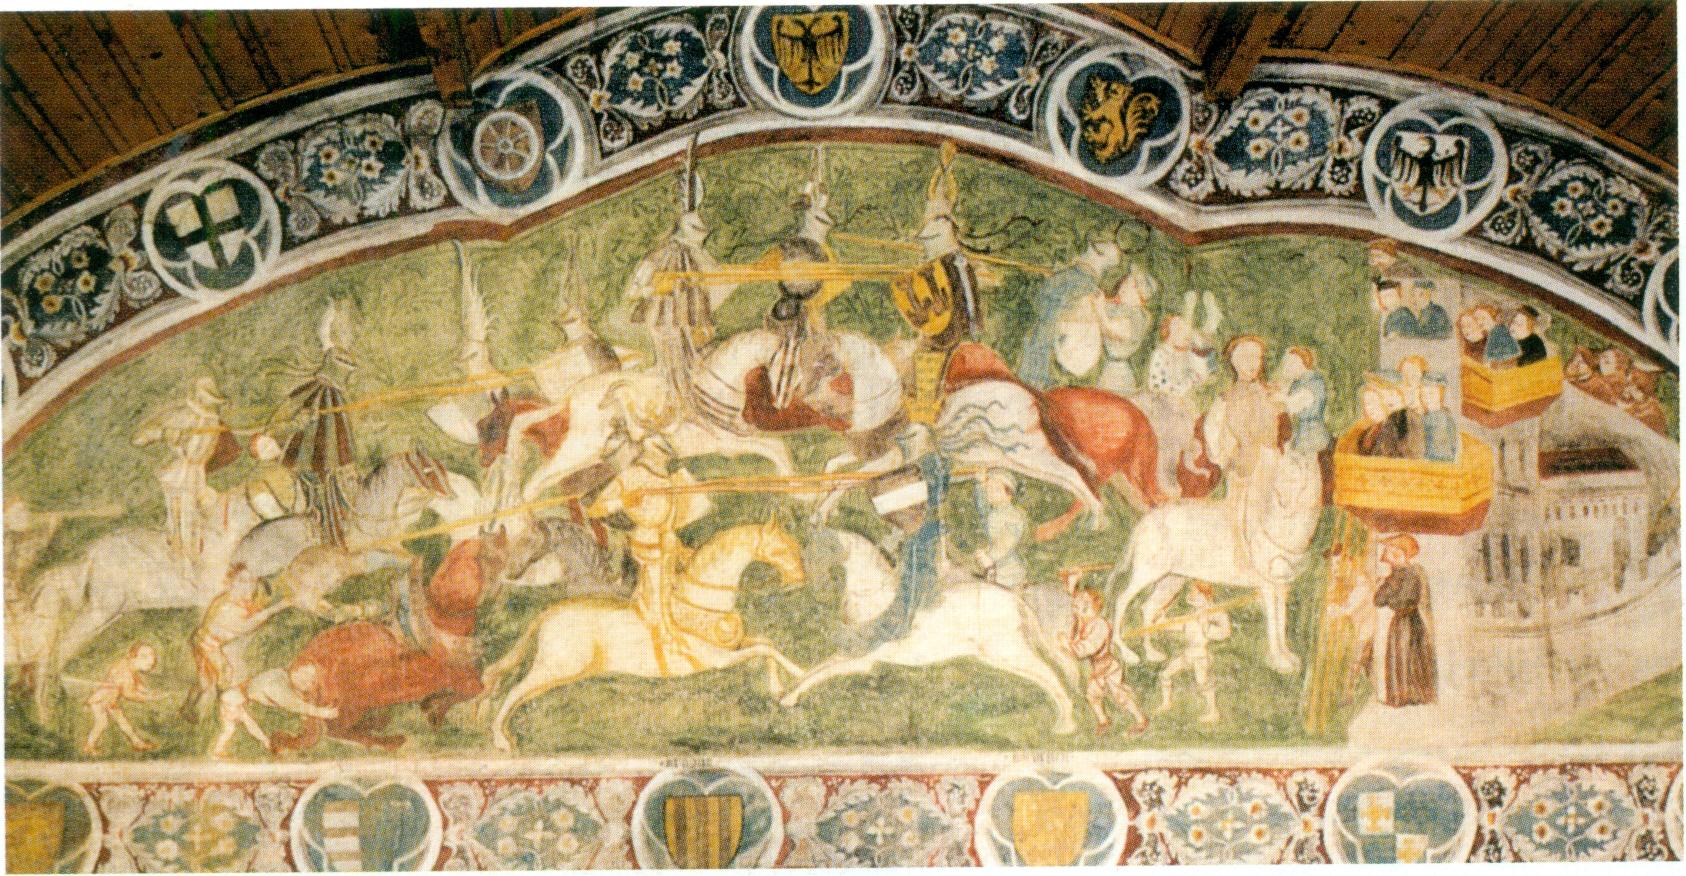 Ausschnitt aus den Fresken von Runkelstein, die wie ein Bilderbuch des höfischen Lebens Einblick geben in das Lebensgefühl des späten Mittelalters.